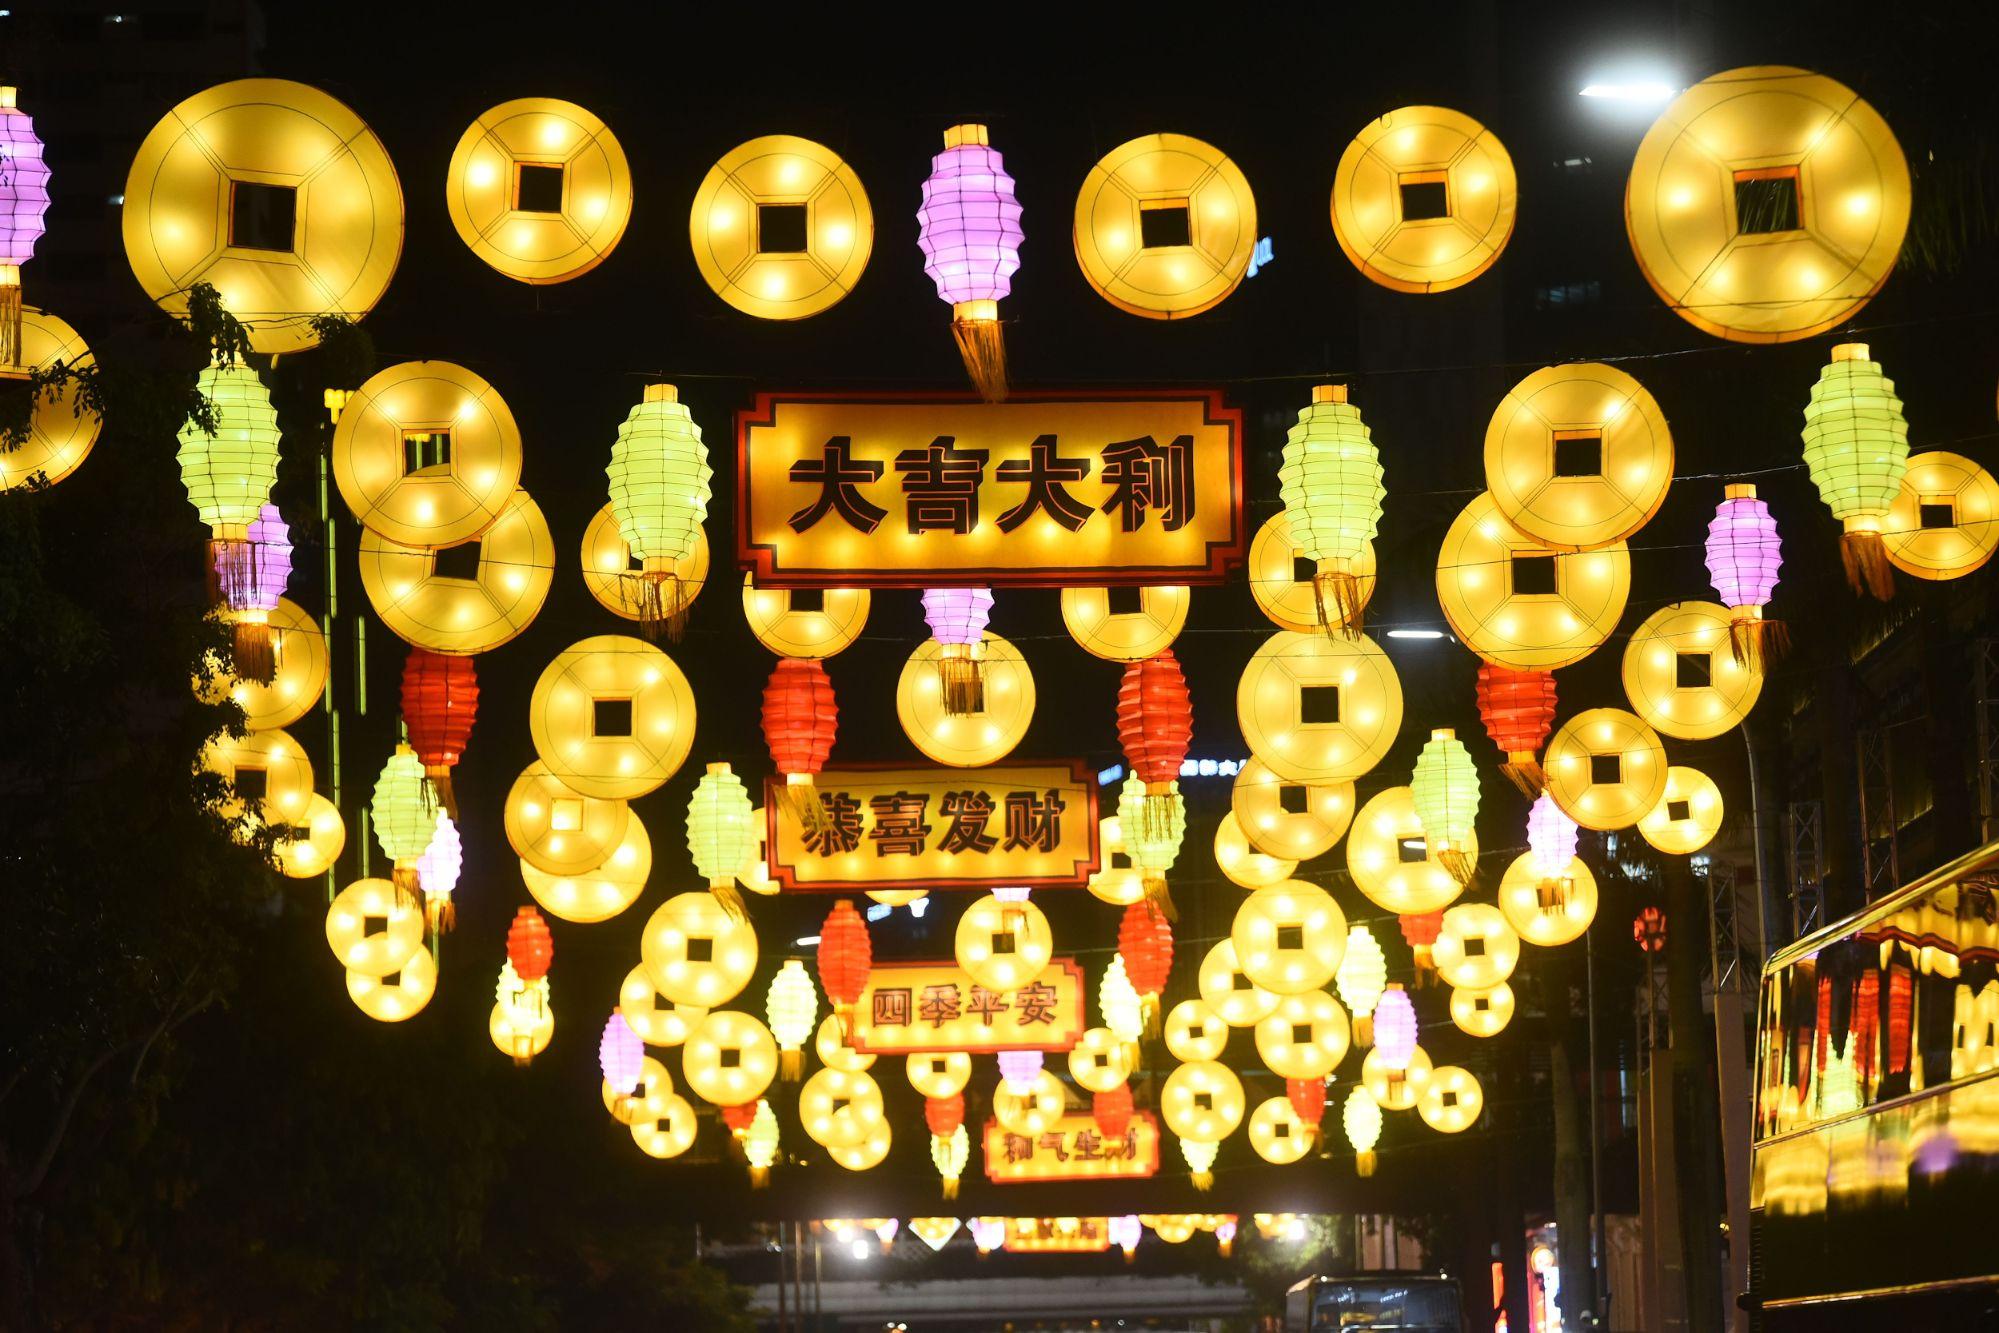 Khu phố Tàu CNY sáng 2020